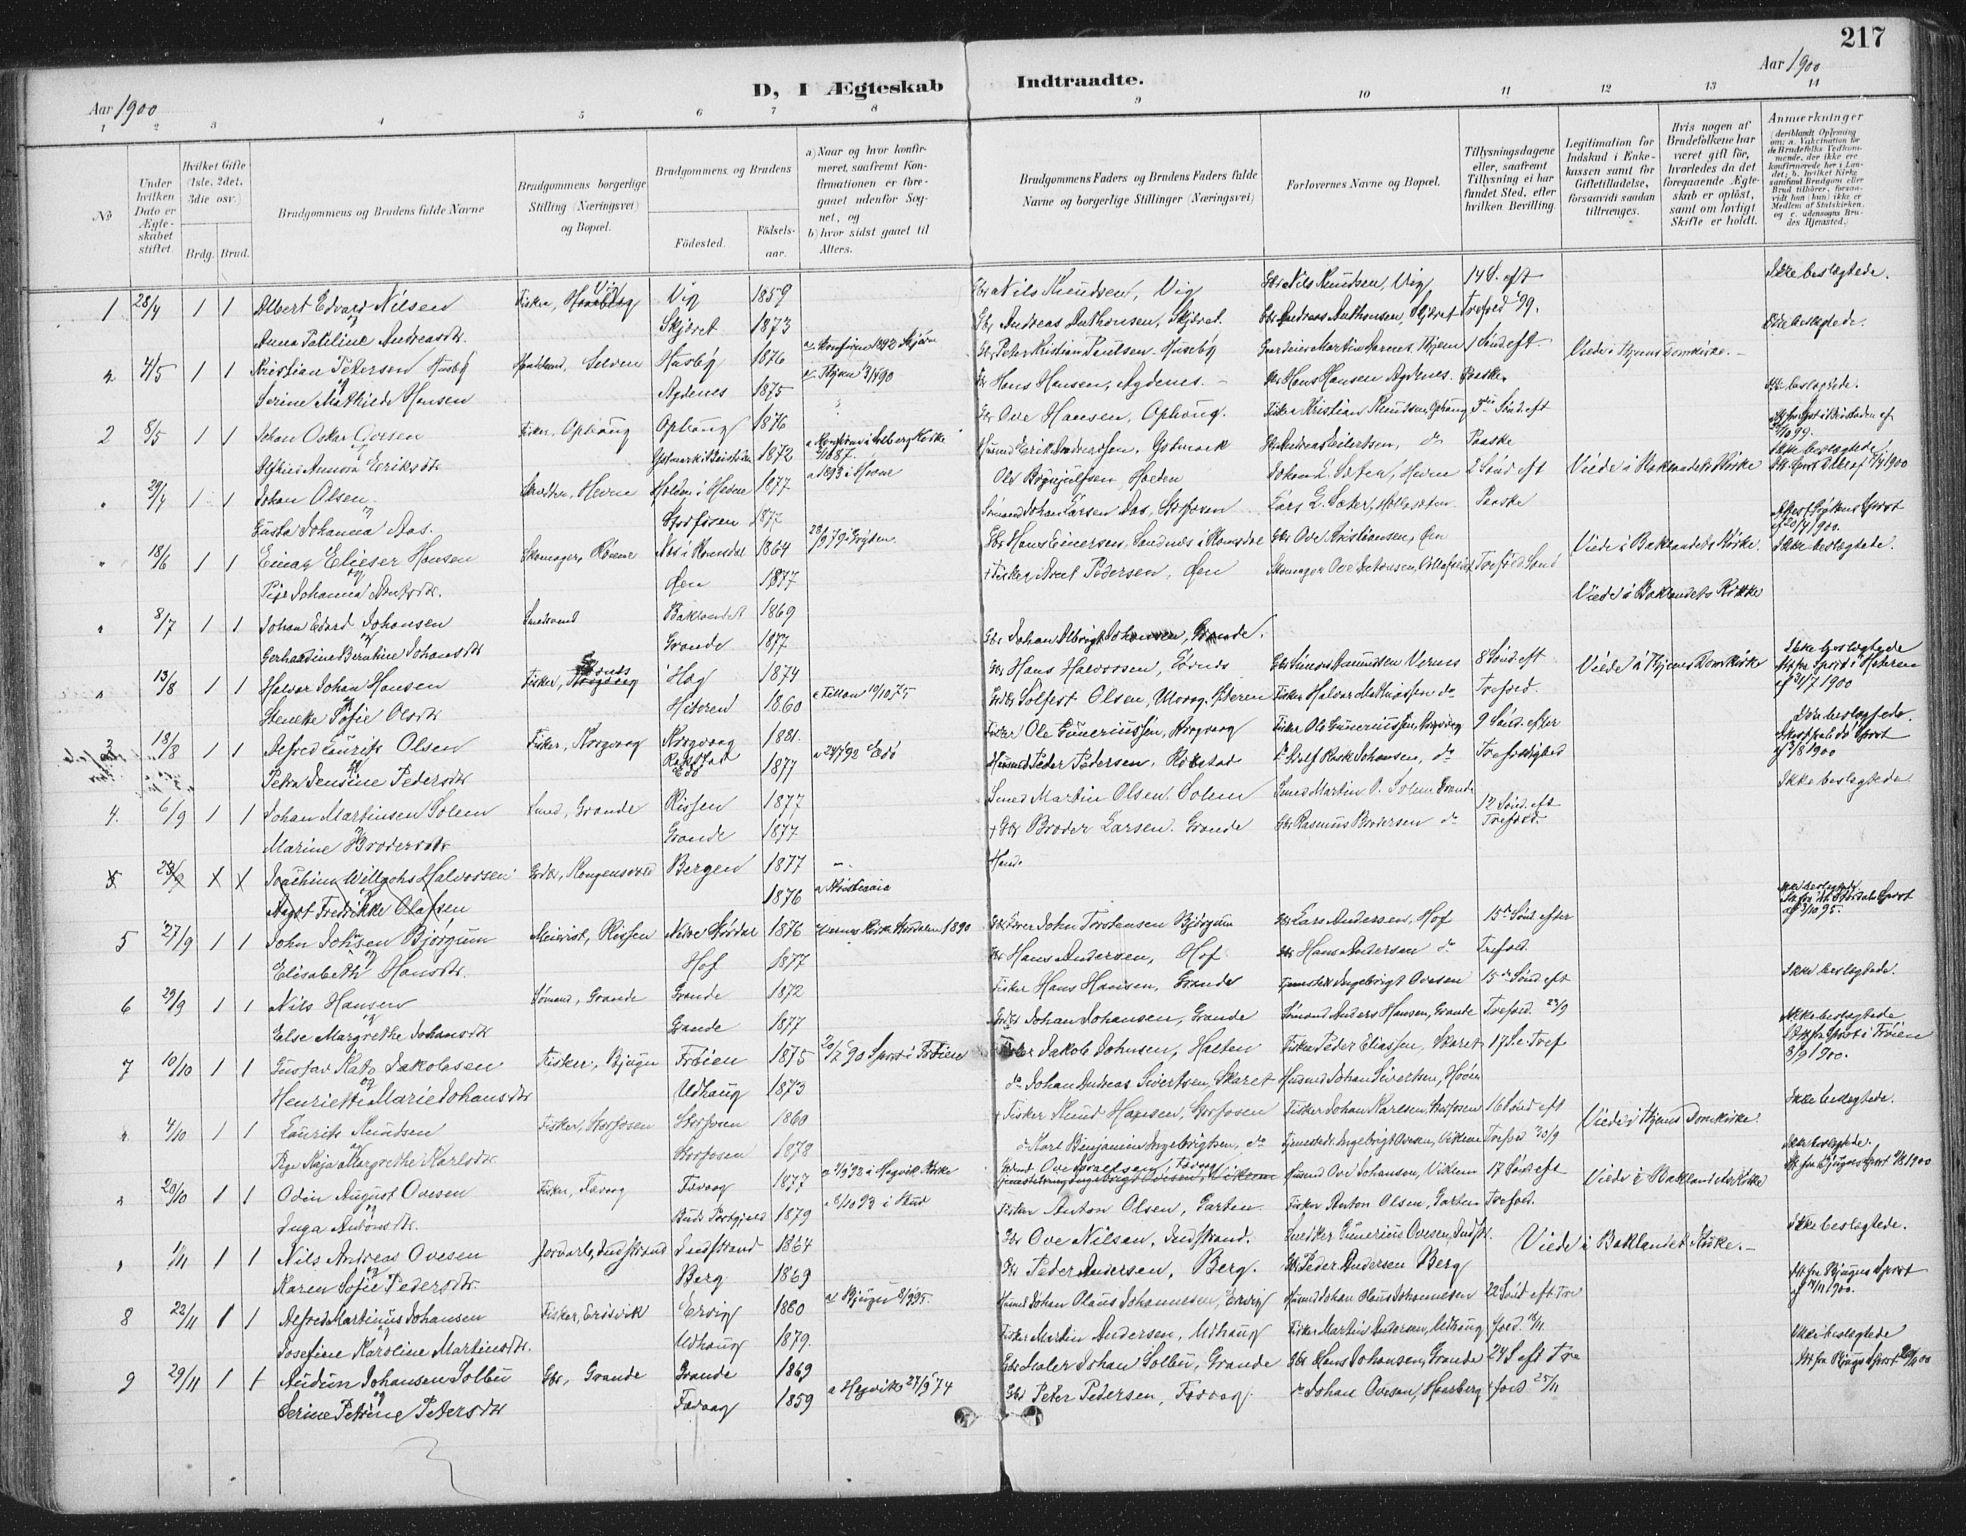 SAT, Ministerialprotokoller, klokkerbøker og fødselsregistre - Sør-Trøndelag, 659/L0743: Ministerialbok nr. 659A13, 1893-1910, s. 217